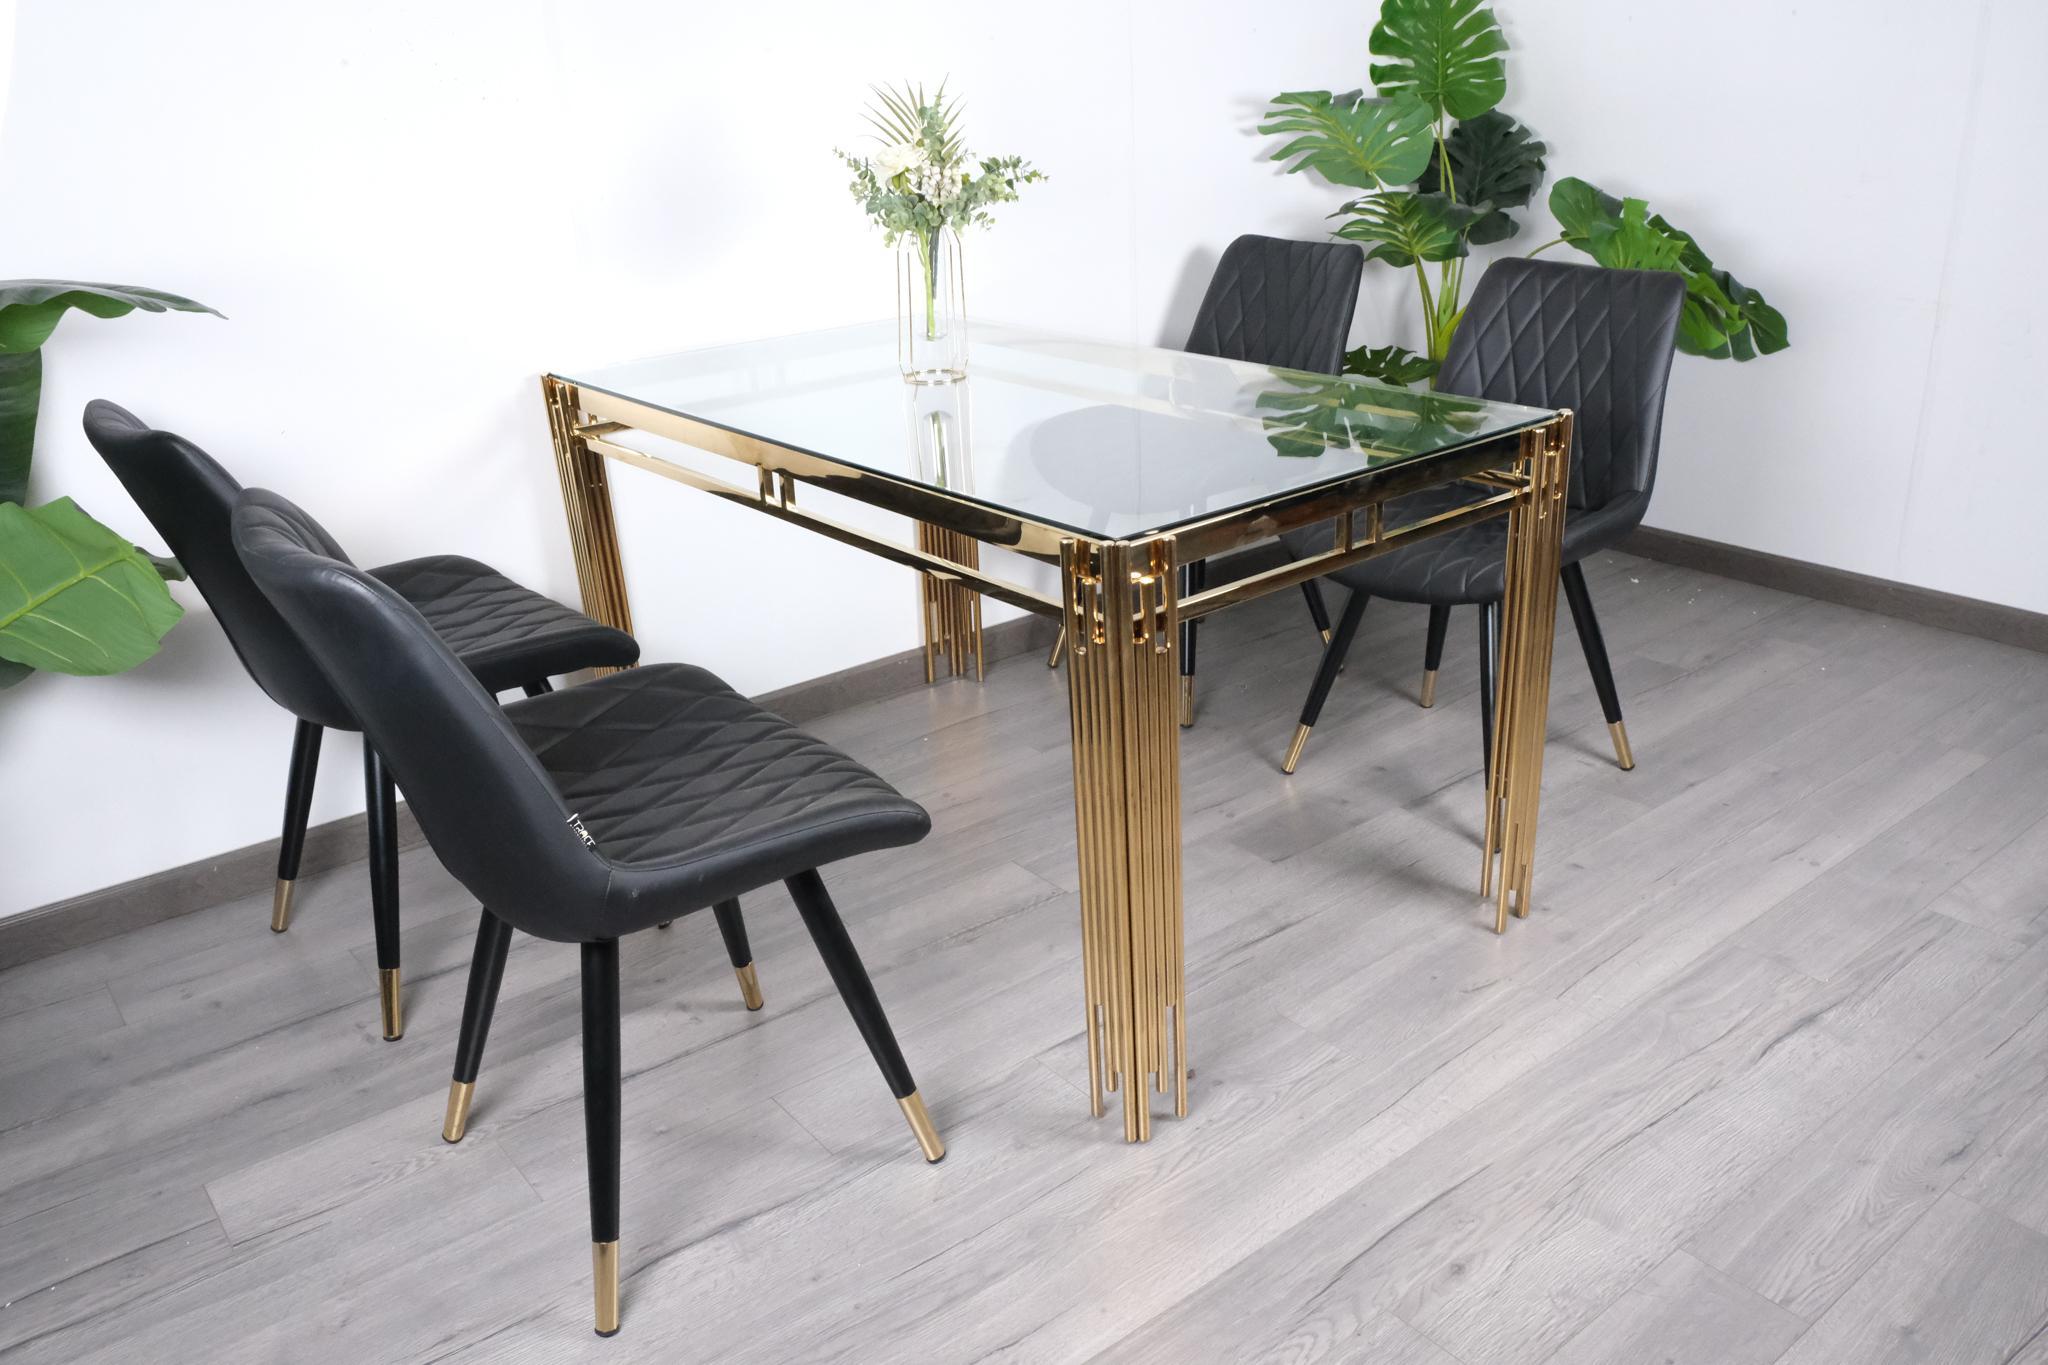 Bộ bàn ăn 4 ghế đẹp hiện đại, sang trọng : KG – T148-44